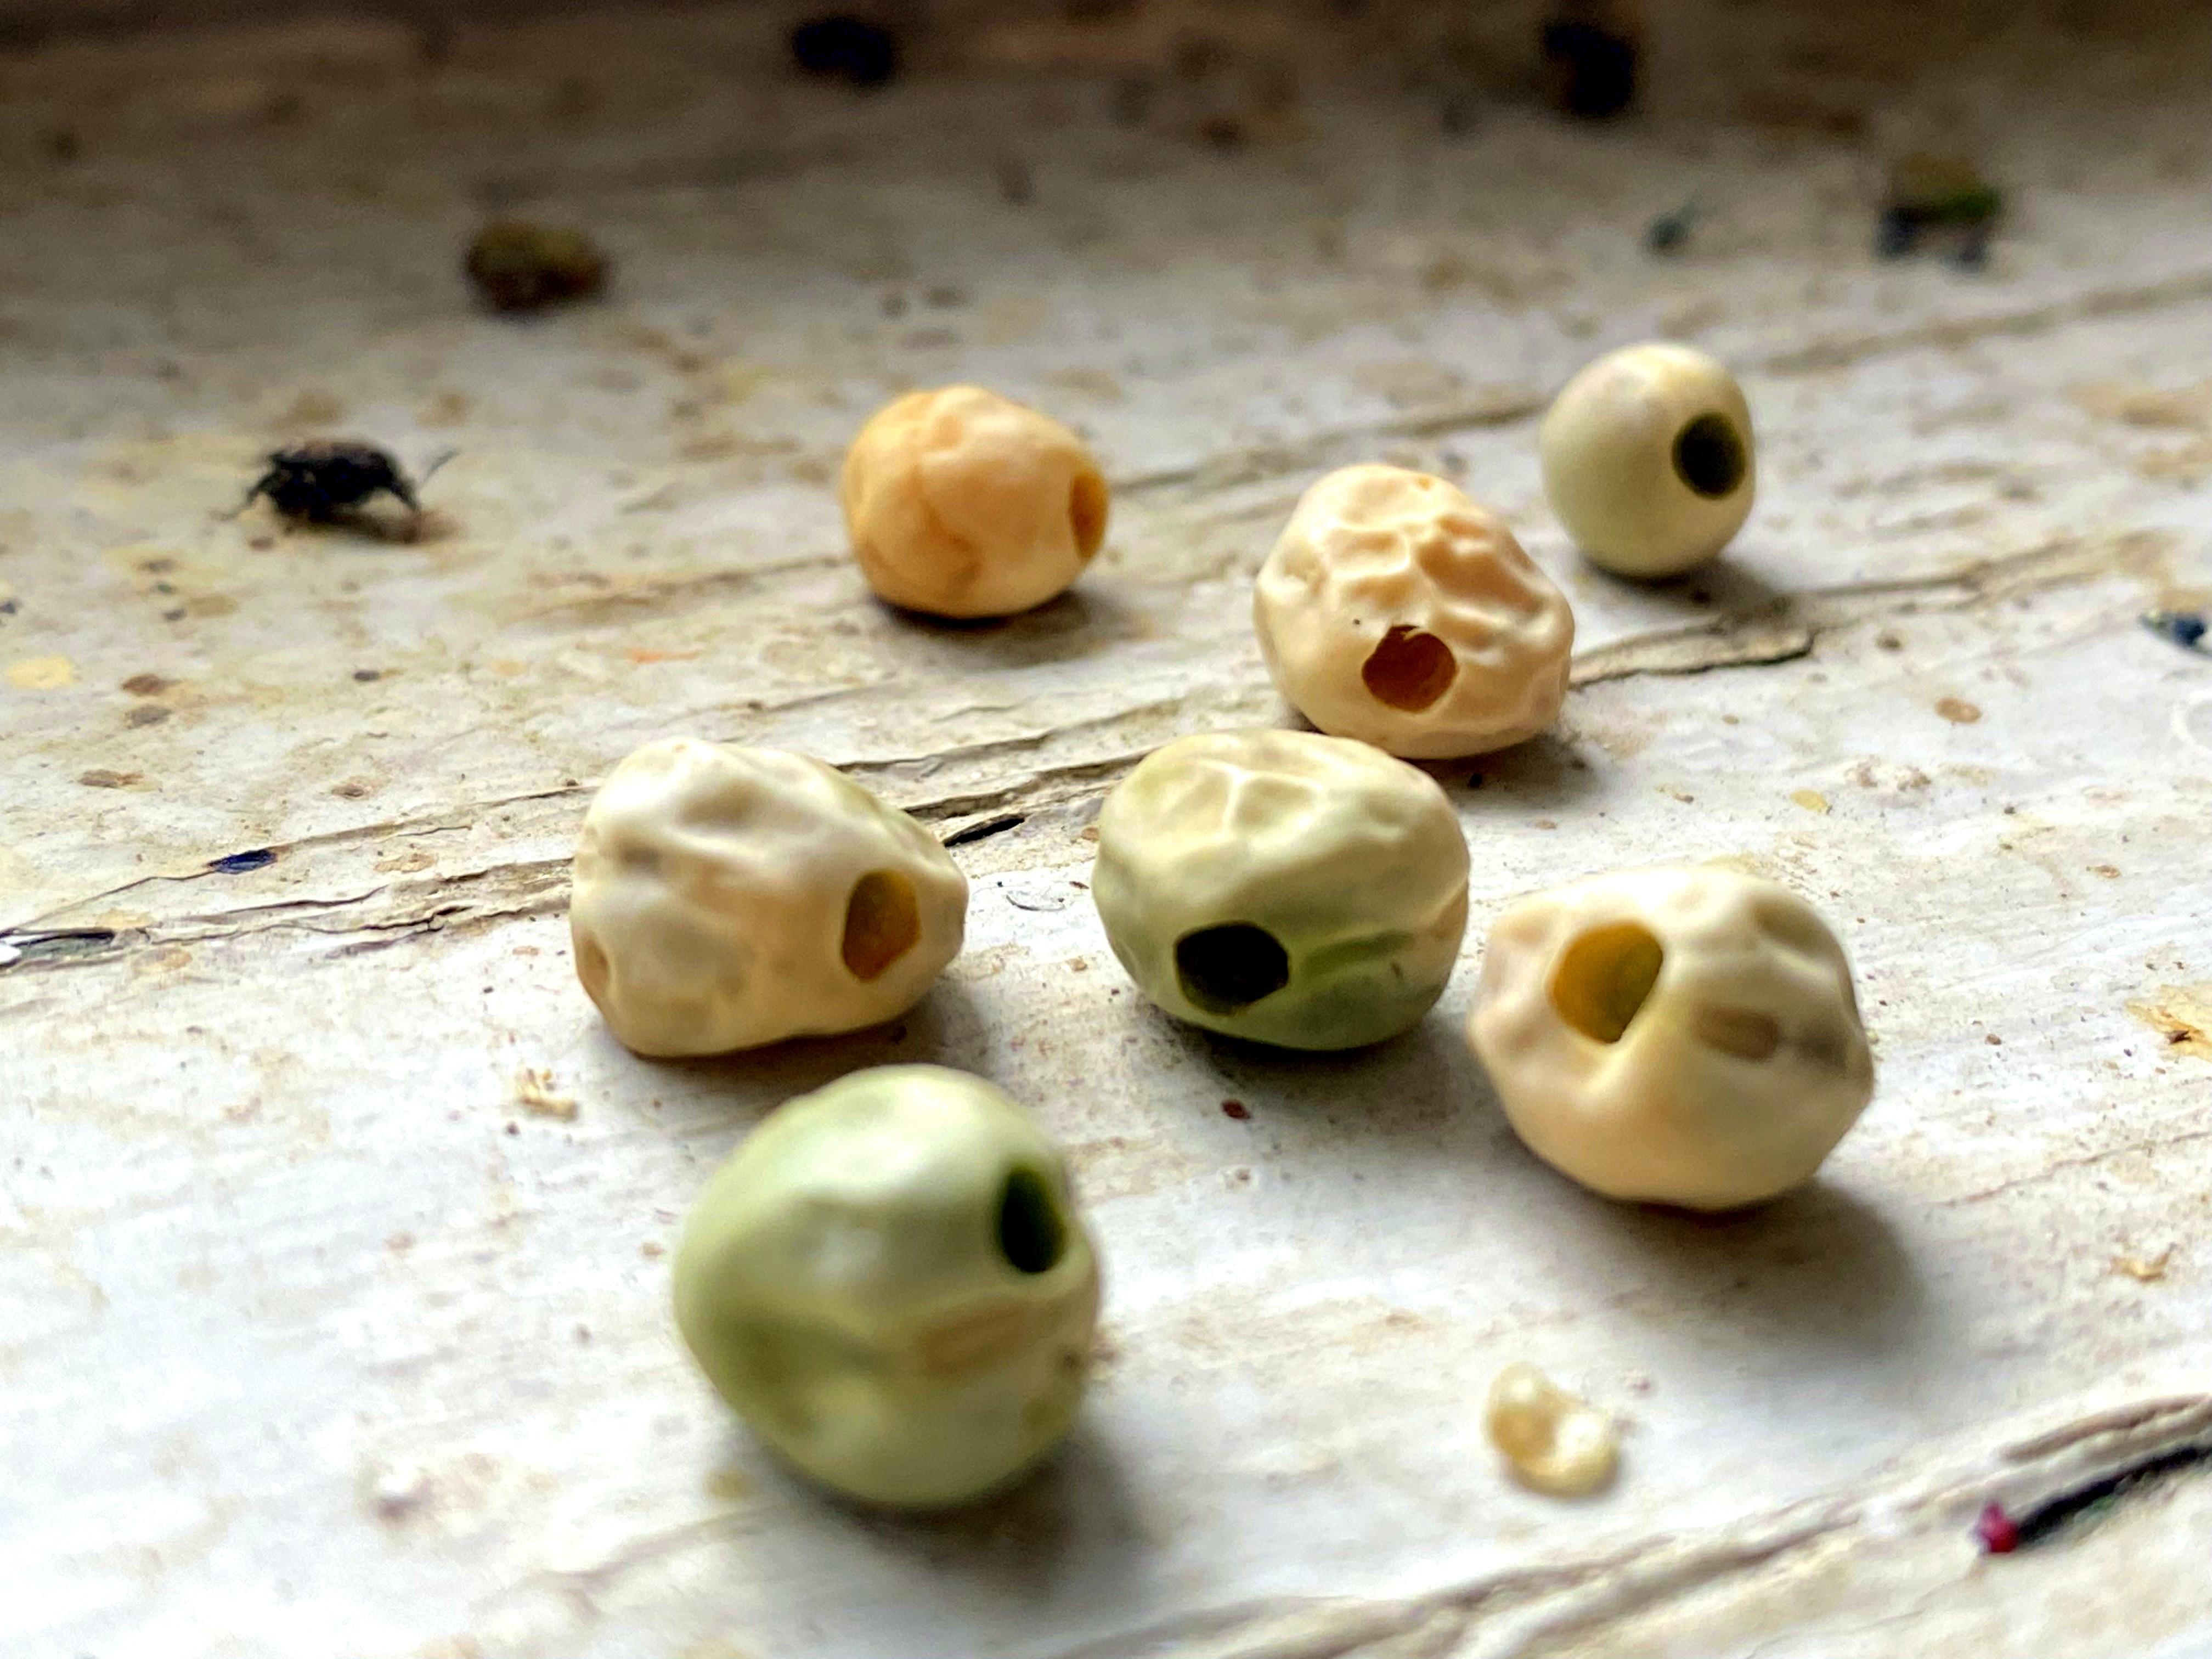 Semena hrachu poškozená zrnokazem.